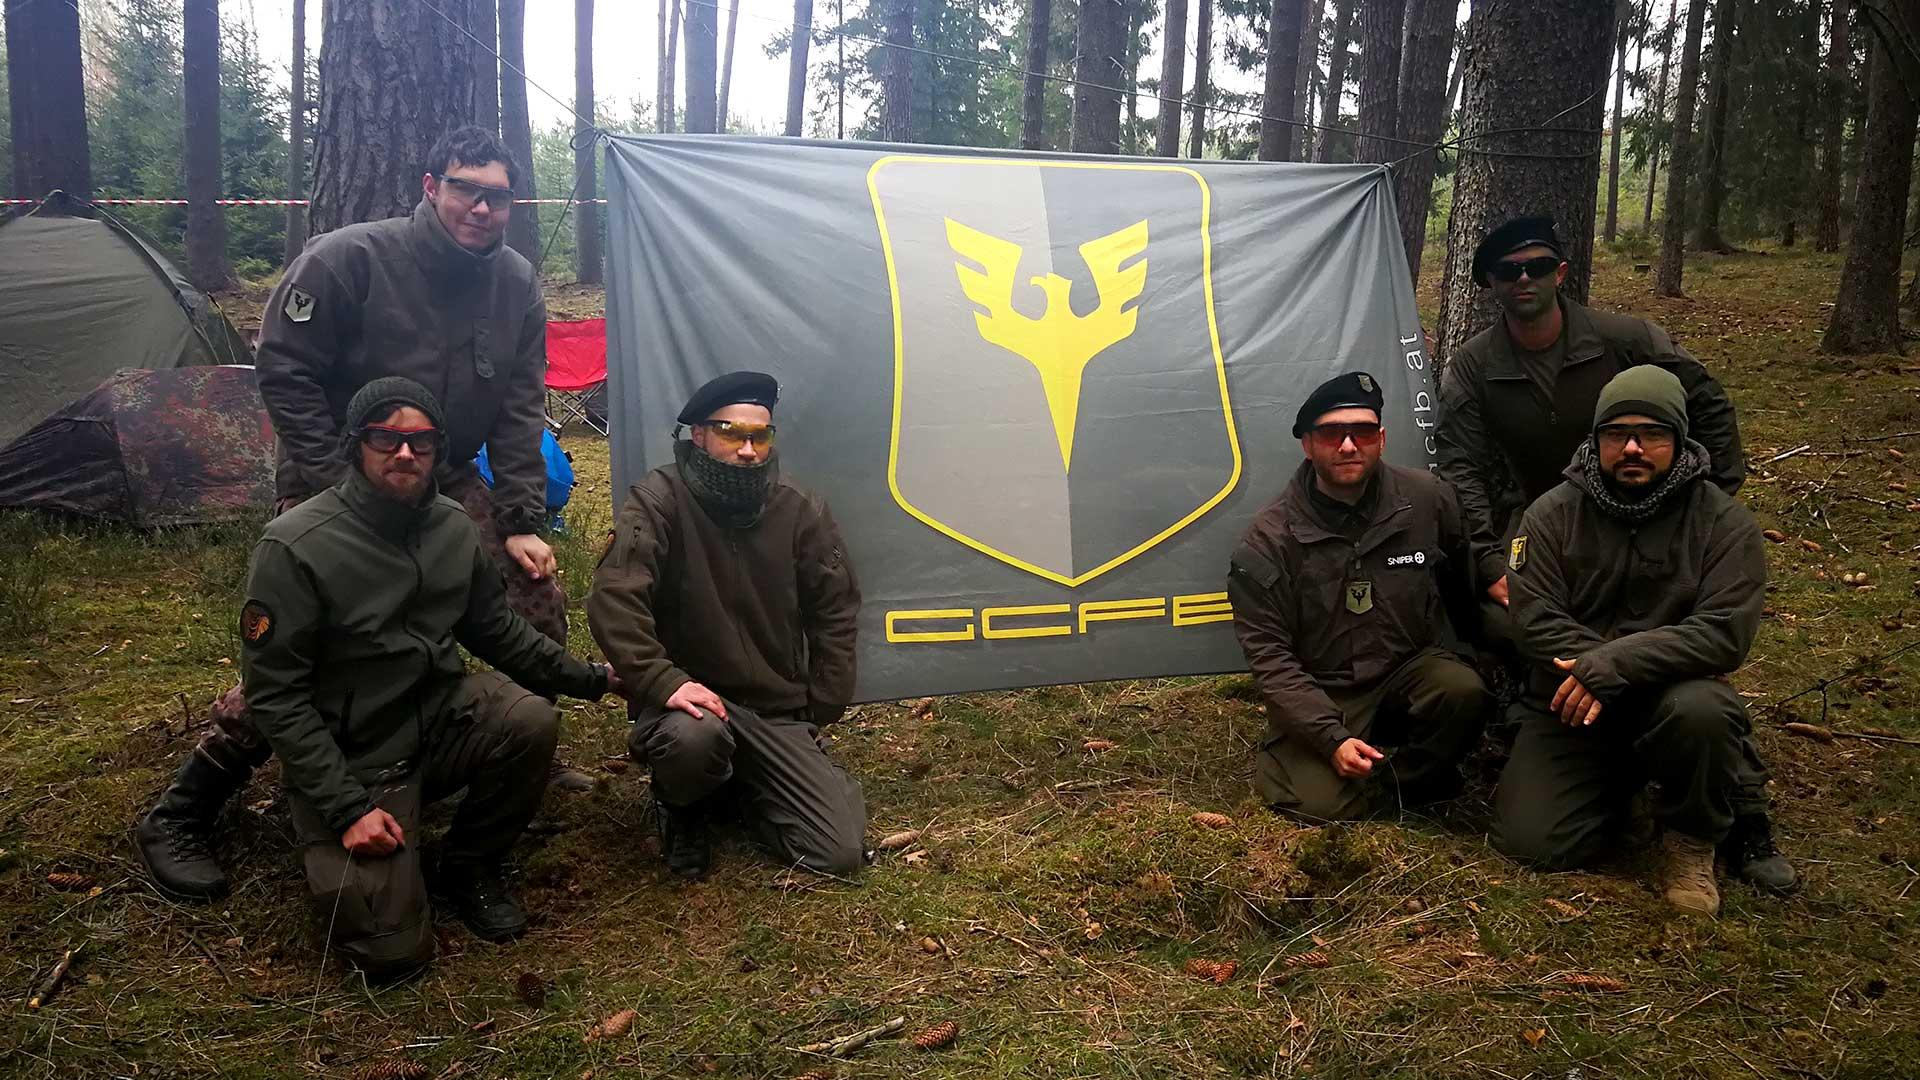 GCFB – Gotcha Commando Feldbach